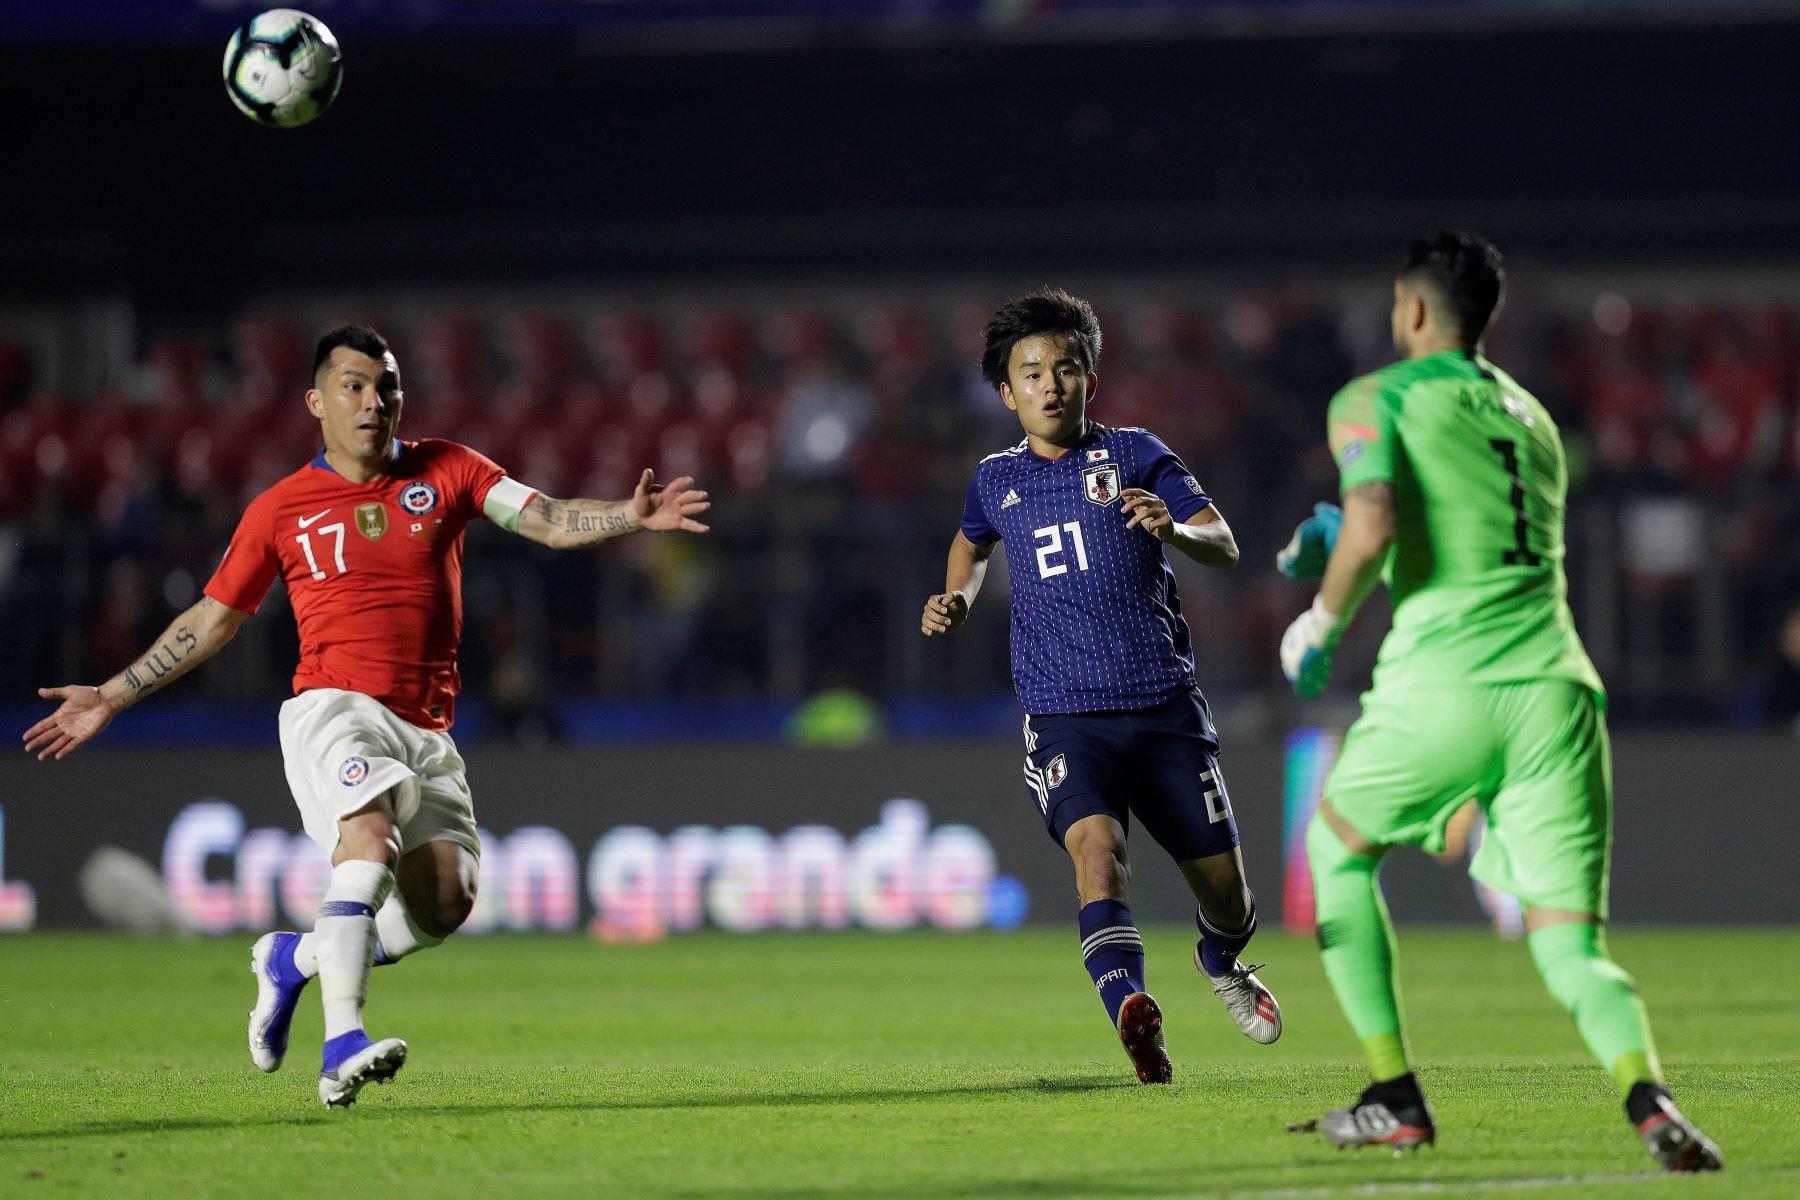 Takefusa Kubo (c) de Japón pelea el balón con Gary Medel (i) de Chile durante el partido Japón-Chile del Grupo C de la Copa América de Fútbol 2019. Foto: EFE